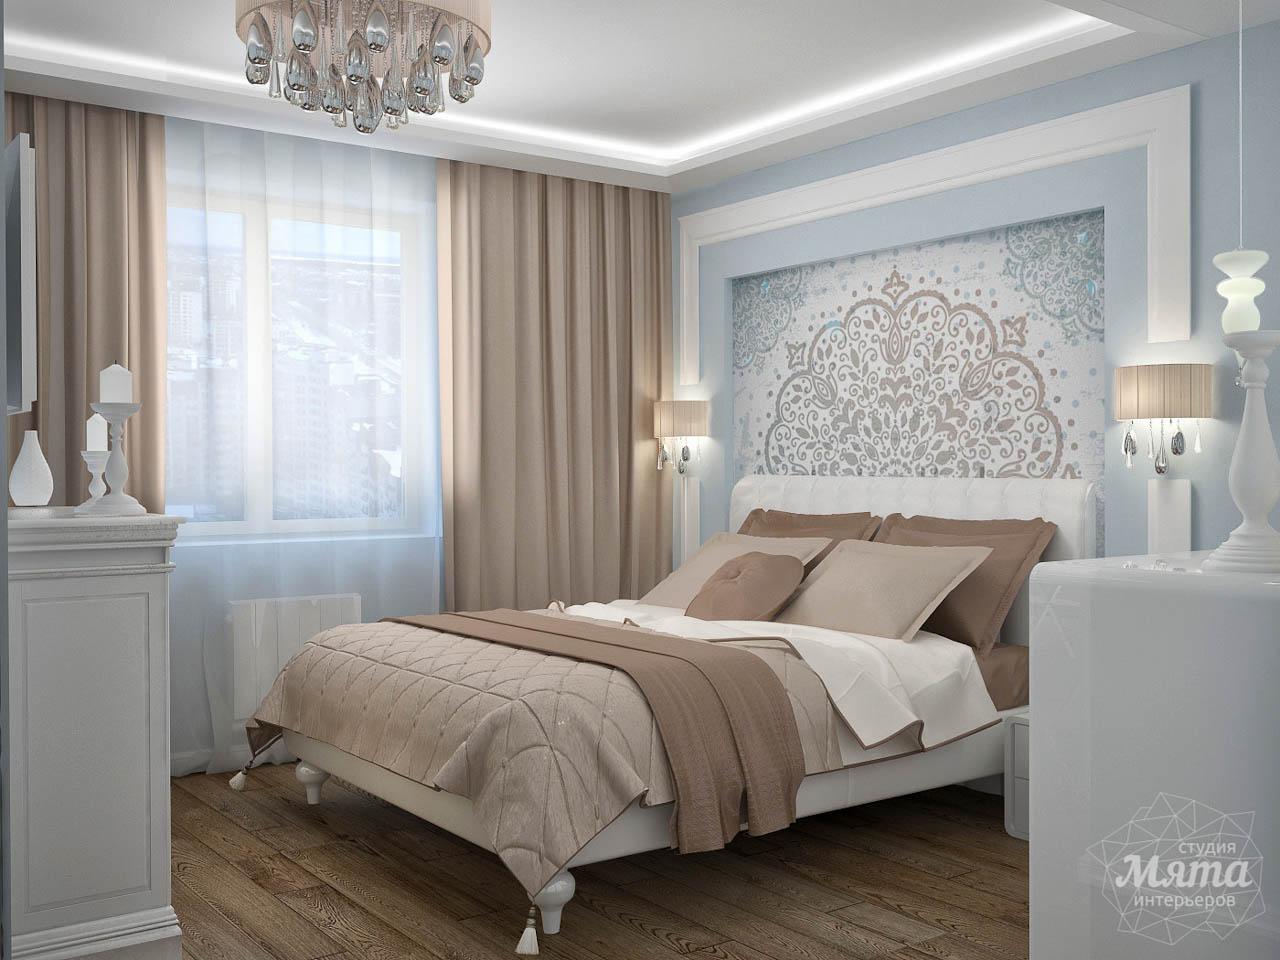 Дизайн интерьера и ремонт трехкомнатной квартиры по ул. Фучика 9 img88745687